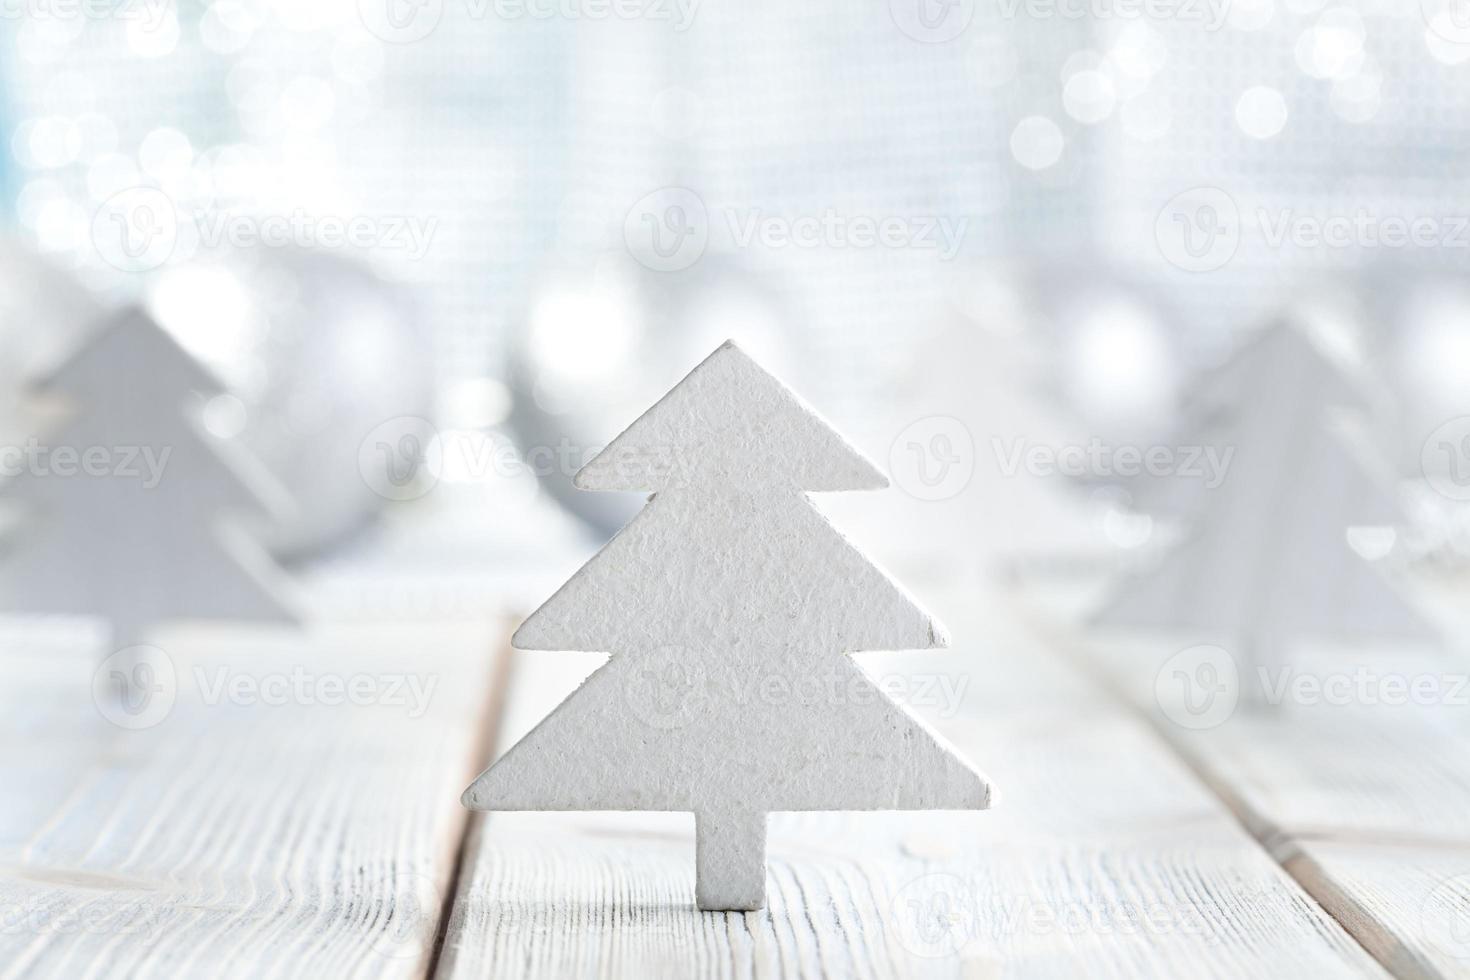 alberi di Natale su sfondo blu e argento foto